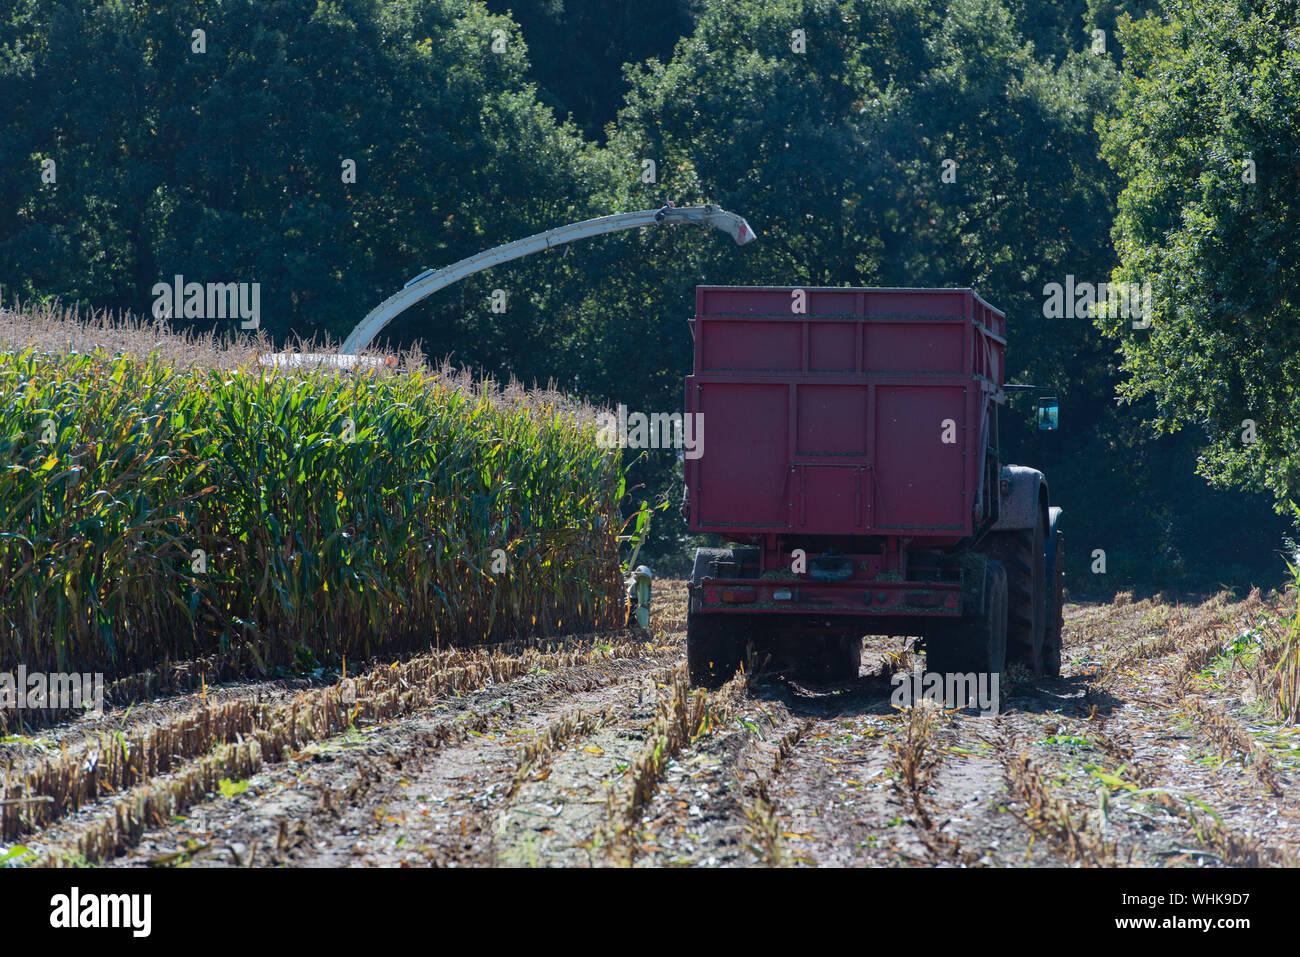 Cosechadora cosecha en la granja Foto de stock